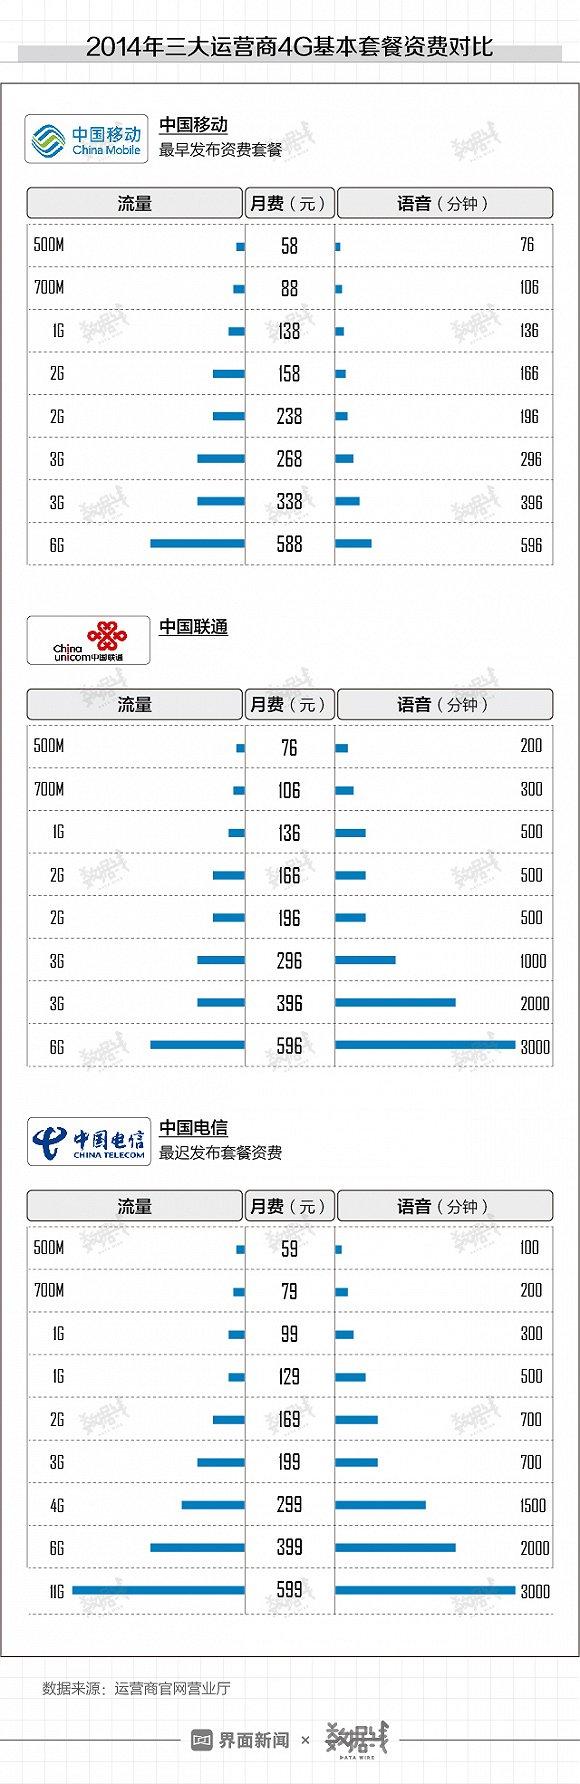 幸运娱乐代理-煤化工技术骨干充电,济宁煤化工产业转型升级添动力